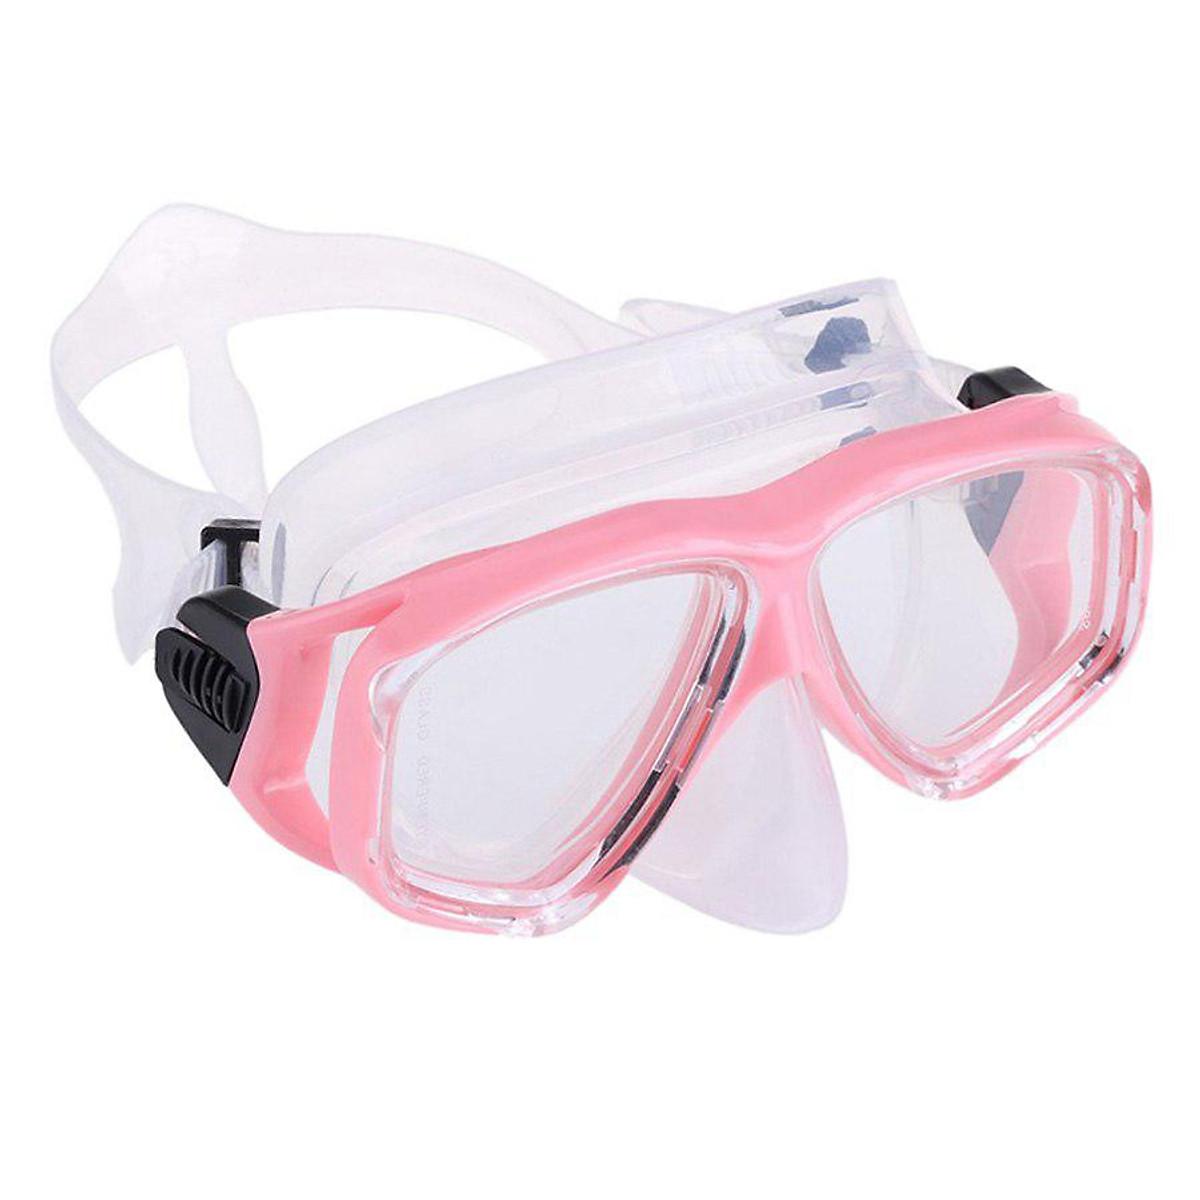 Kính Lặn, Mặt Nạ Lặn Biển Mắt Kính Cường Lực Cao Cấp POPO NormalMask-Pink - Hồng - 2